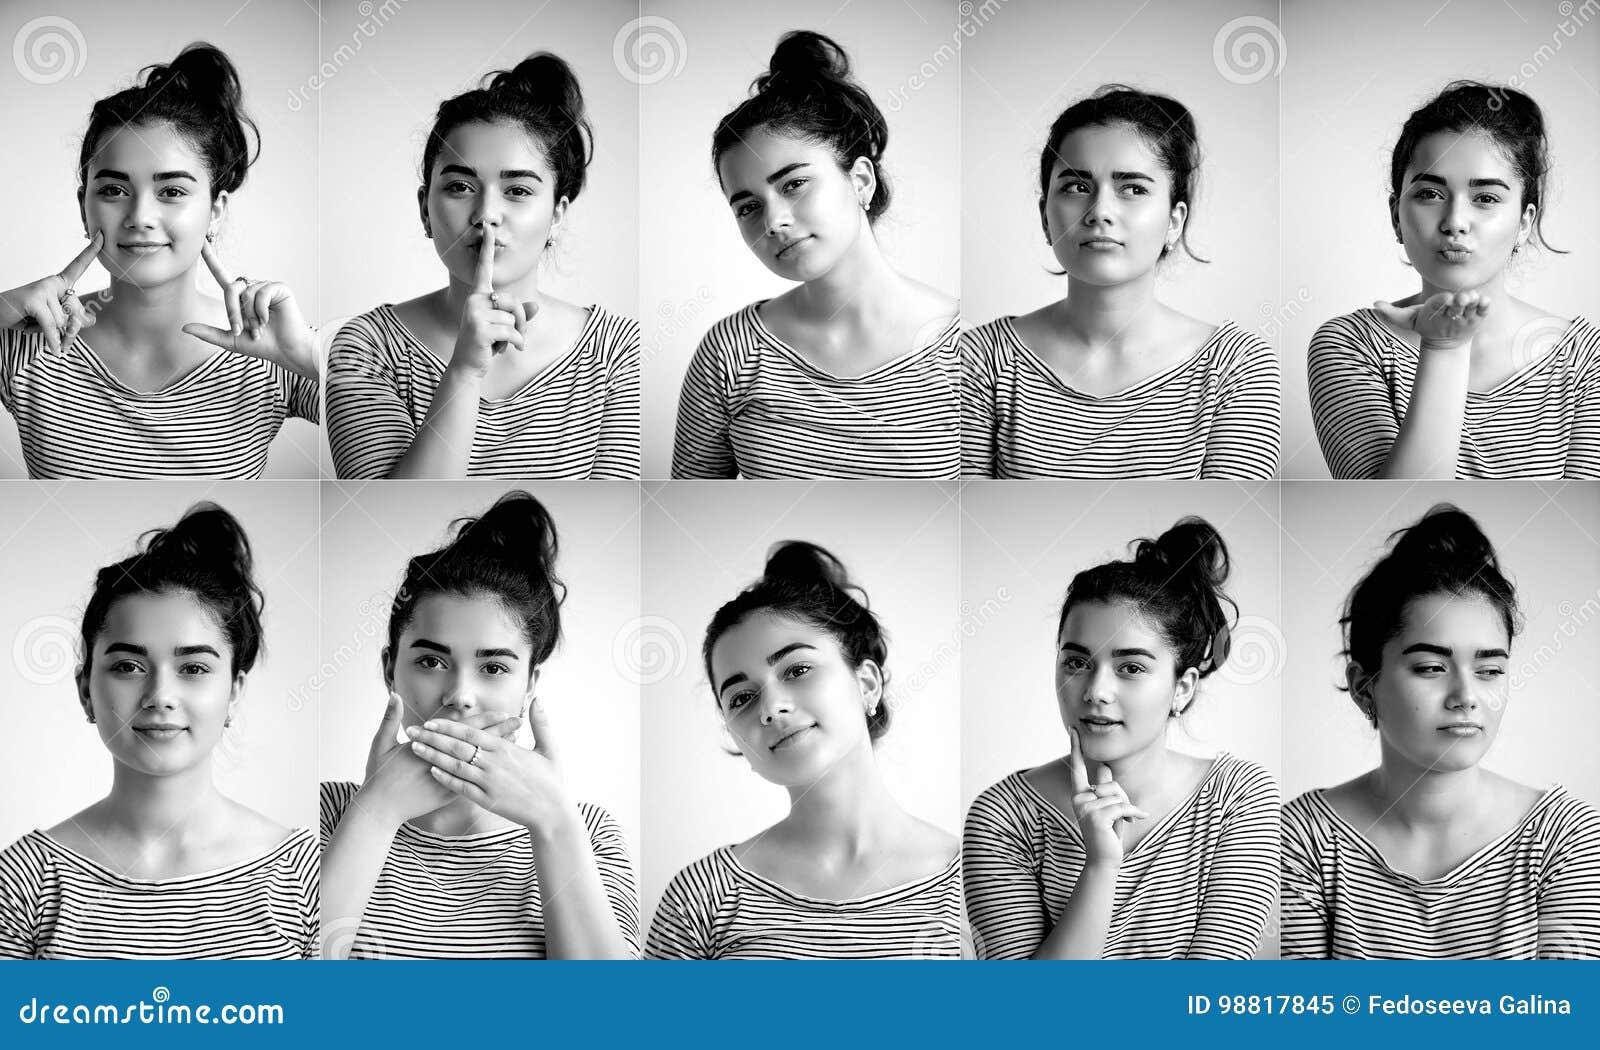 Kolaż emocjonalna dziewczyna na białym tle, Złożony pozytywne i negatywne emocje z dziewczyną, kolaż